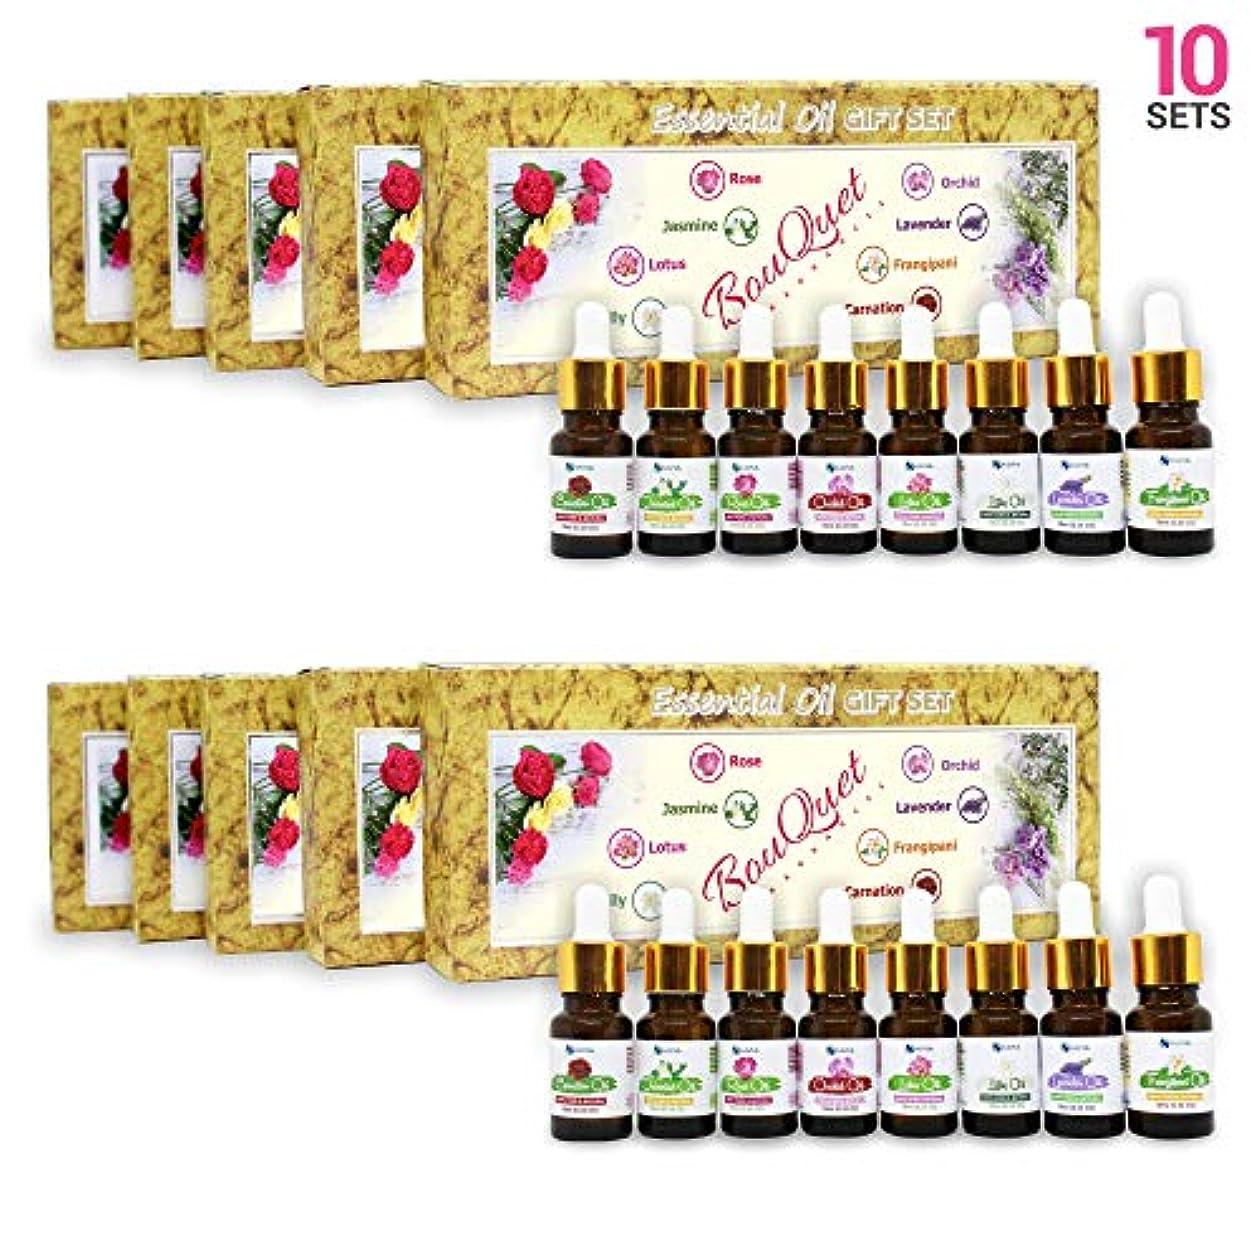 逸話頑固な強いますAromatherapy Fragrance Oils (Set of 10) - 100% Natural Therapeutic Essential Oils, 10ml each (Rose, Jasmine, Lotus...